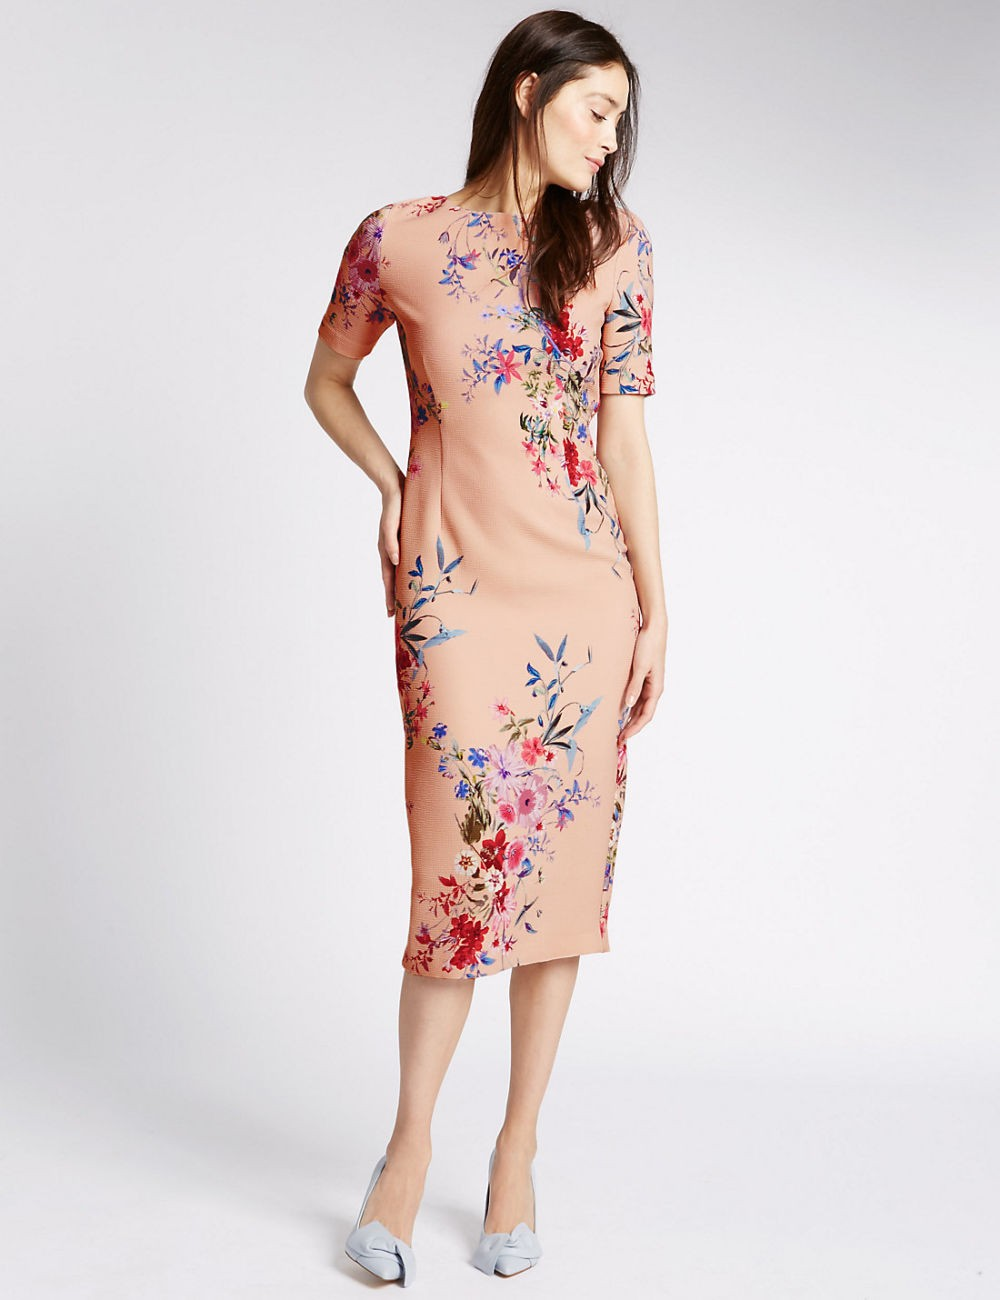 Что одеть на день Святого Валентина 2019: платье миди в цветы